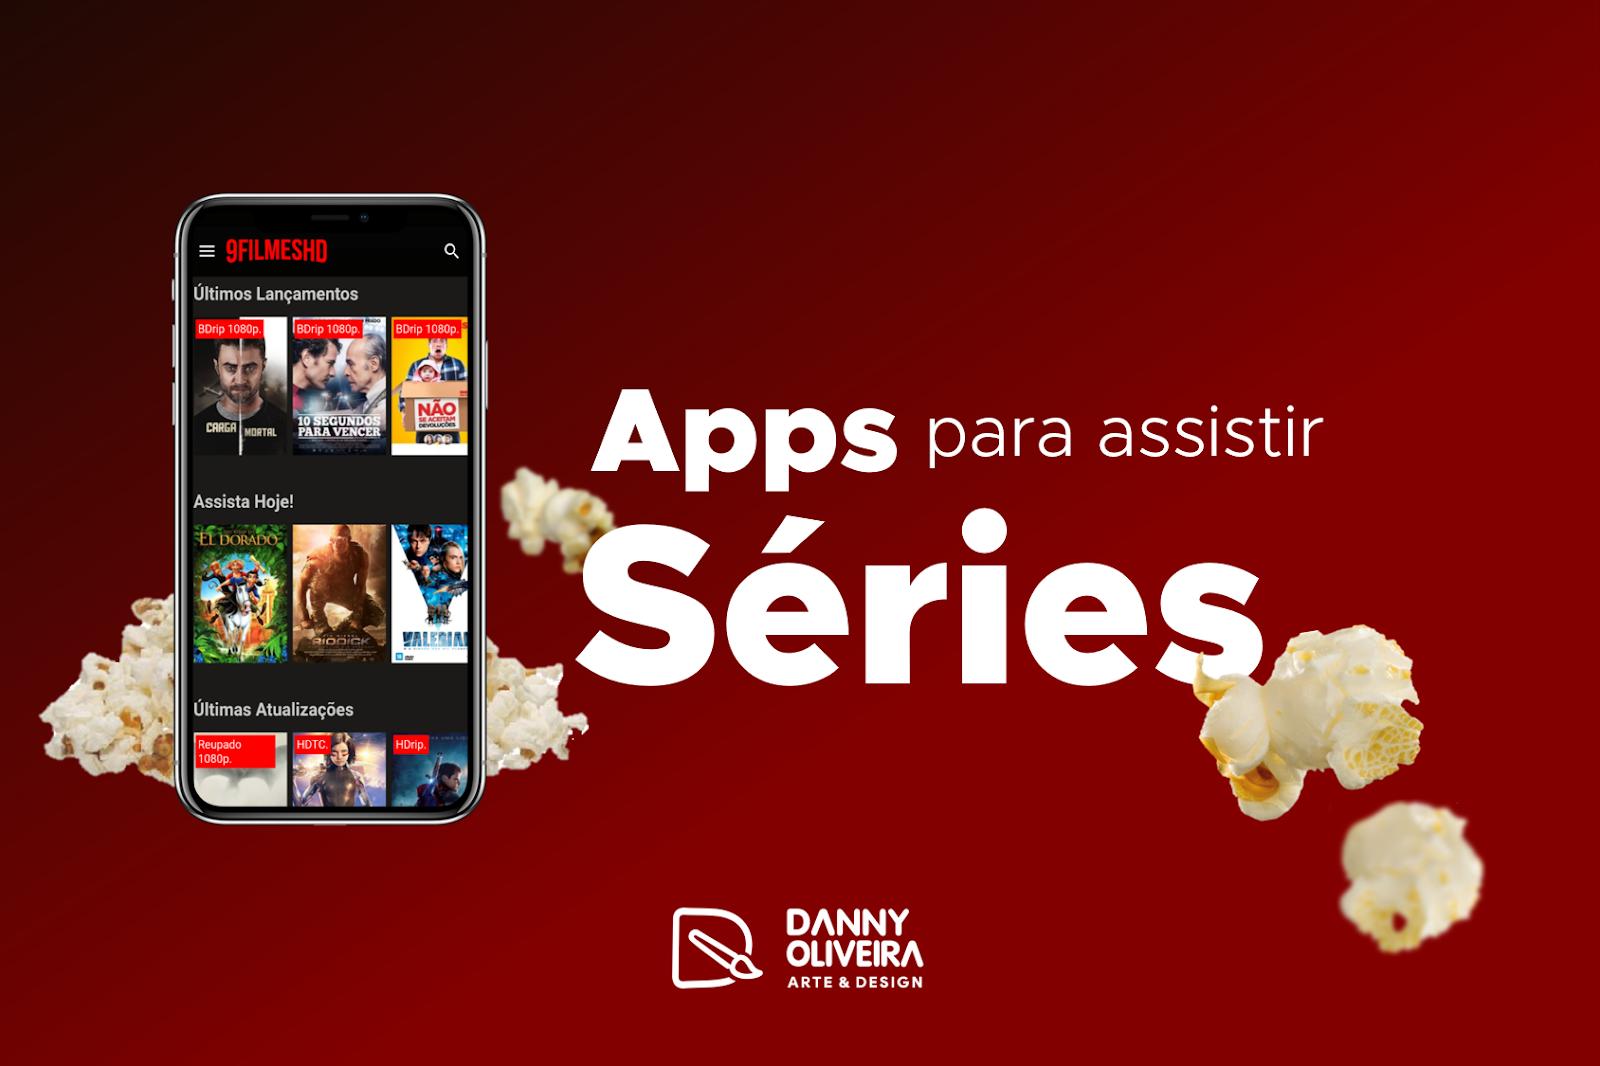 Aplicativos para assistir séries e filmes grátis